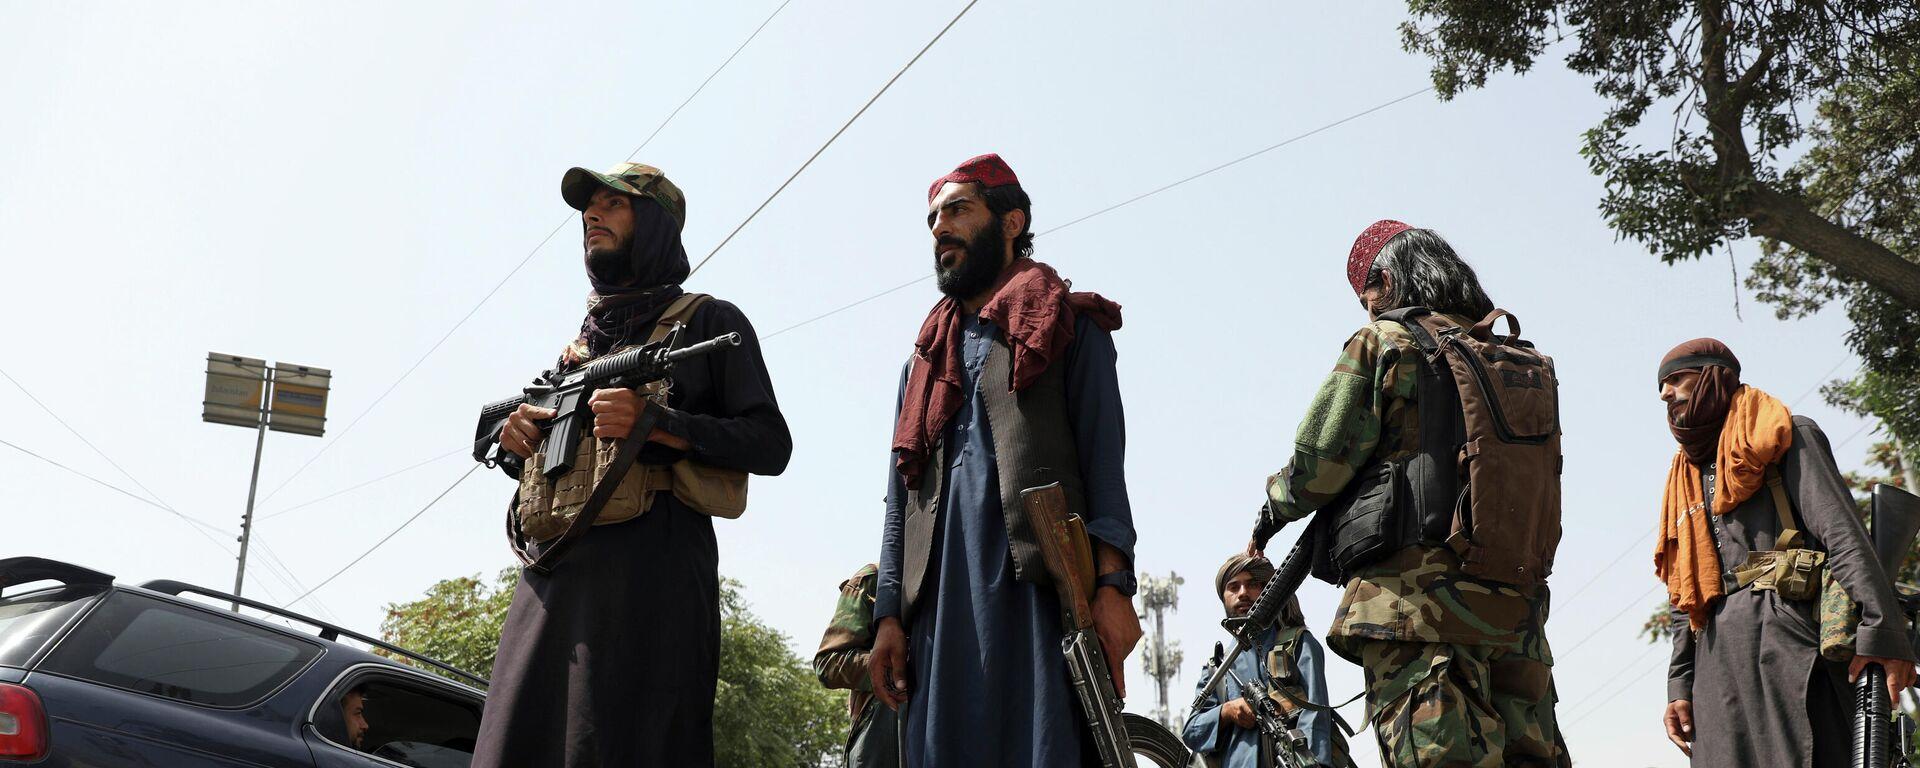 Боевики Талибана патрулируют район Вазир Акбар Хан в городе Кабул, Афганистан - Sputnik Тоҷикистон, 1920, 04.09.2021